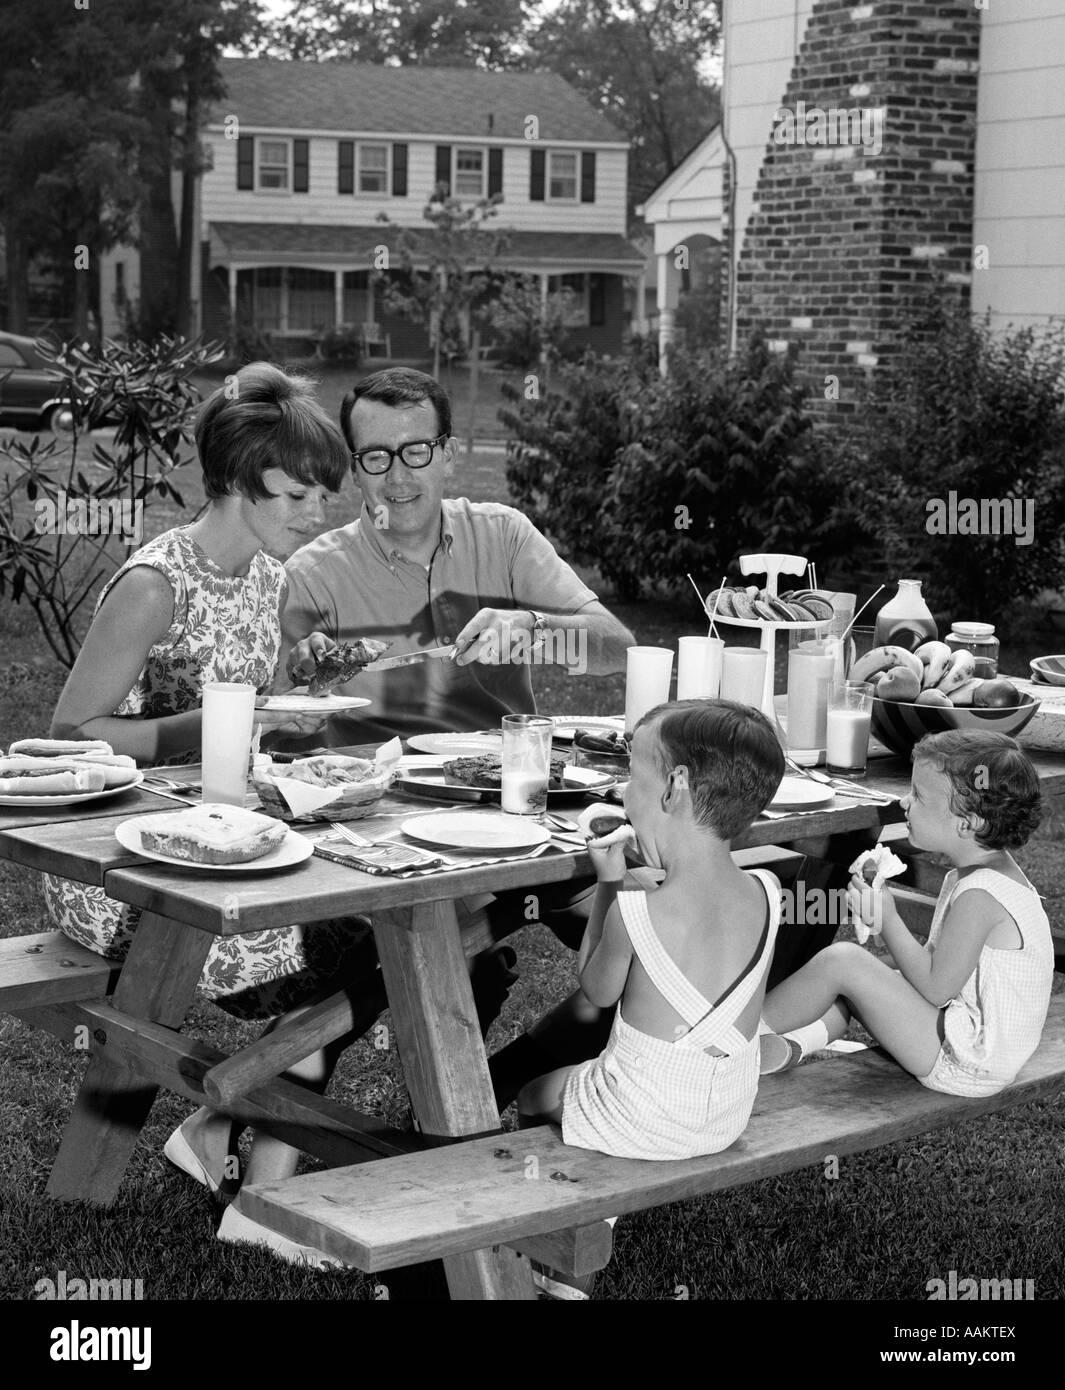 1960 SUBURBAN FAMILLE DE QUATRE PERSONNES À TABLE DE PIQUE-NIQUE DANS LA COUR DE MANGER Photo Stock